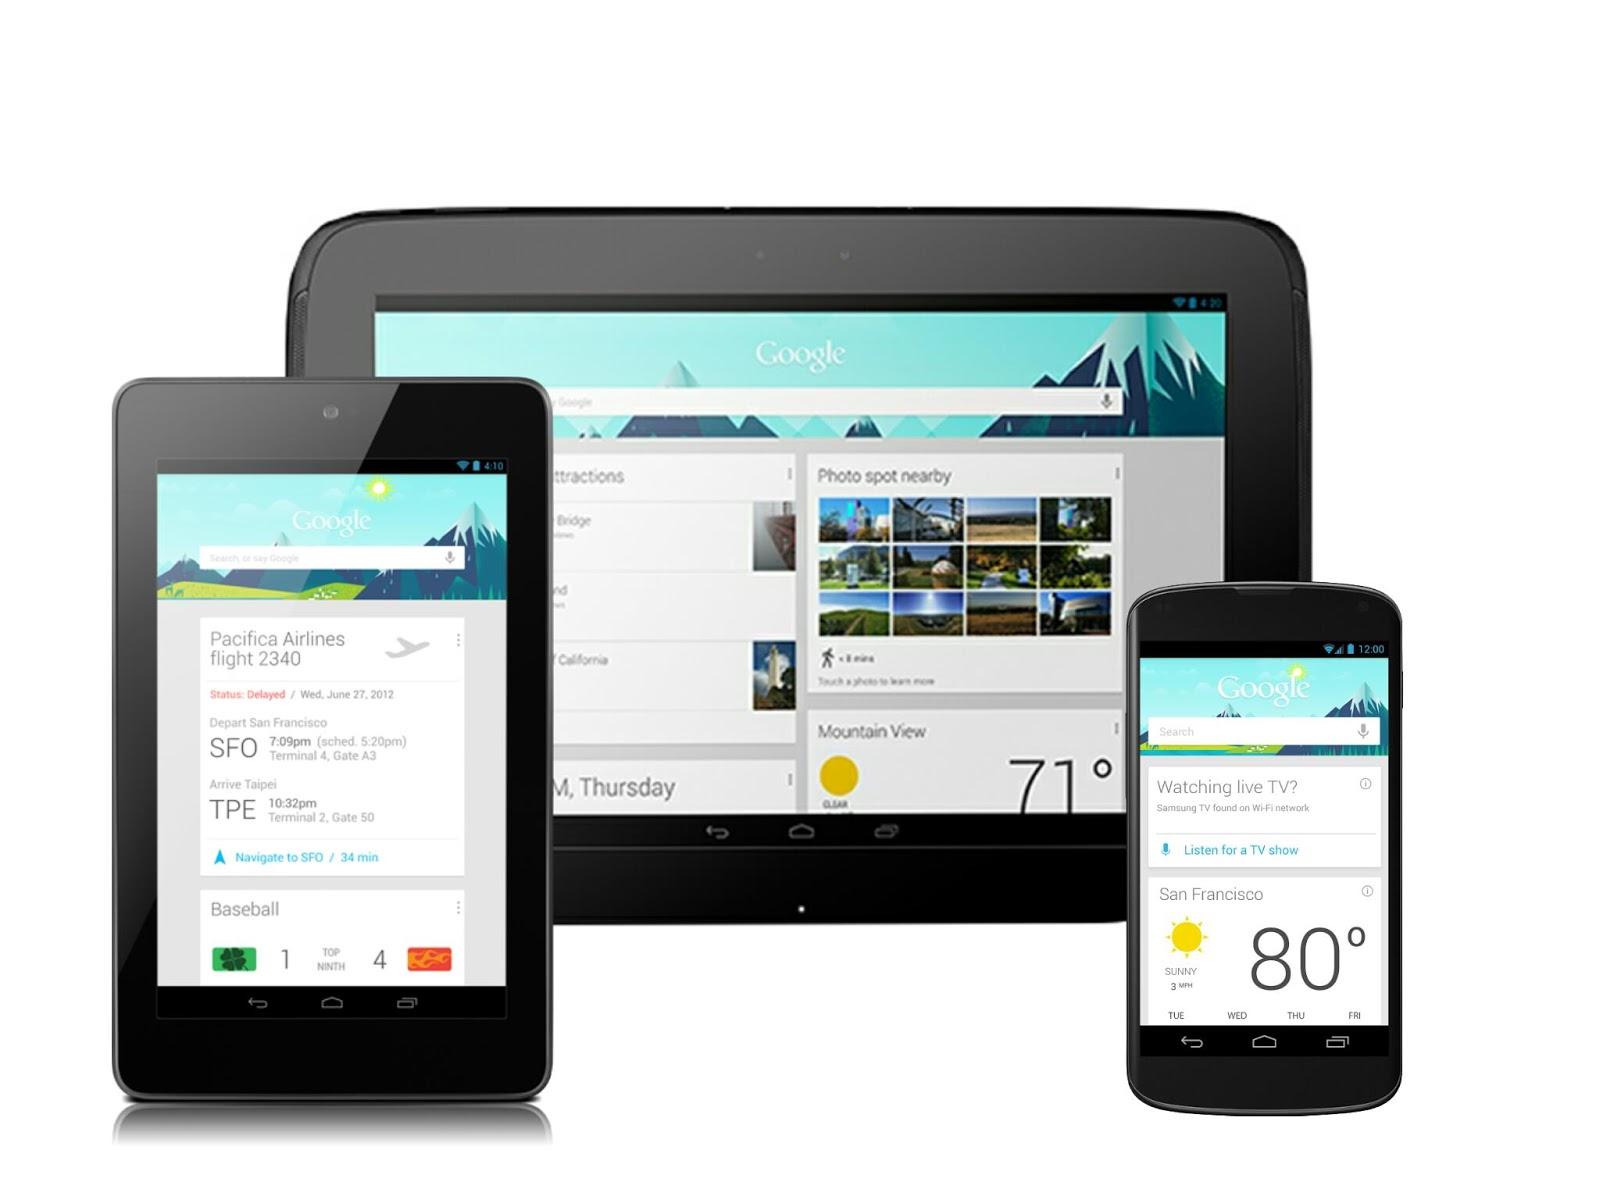 Cara mengaktifkan Google Now di Android